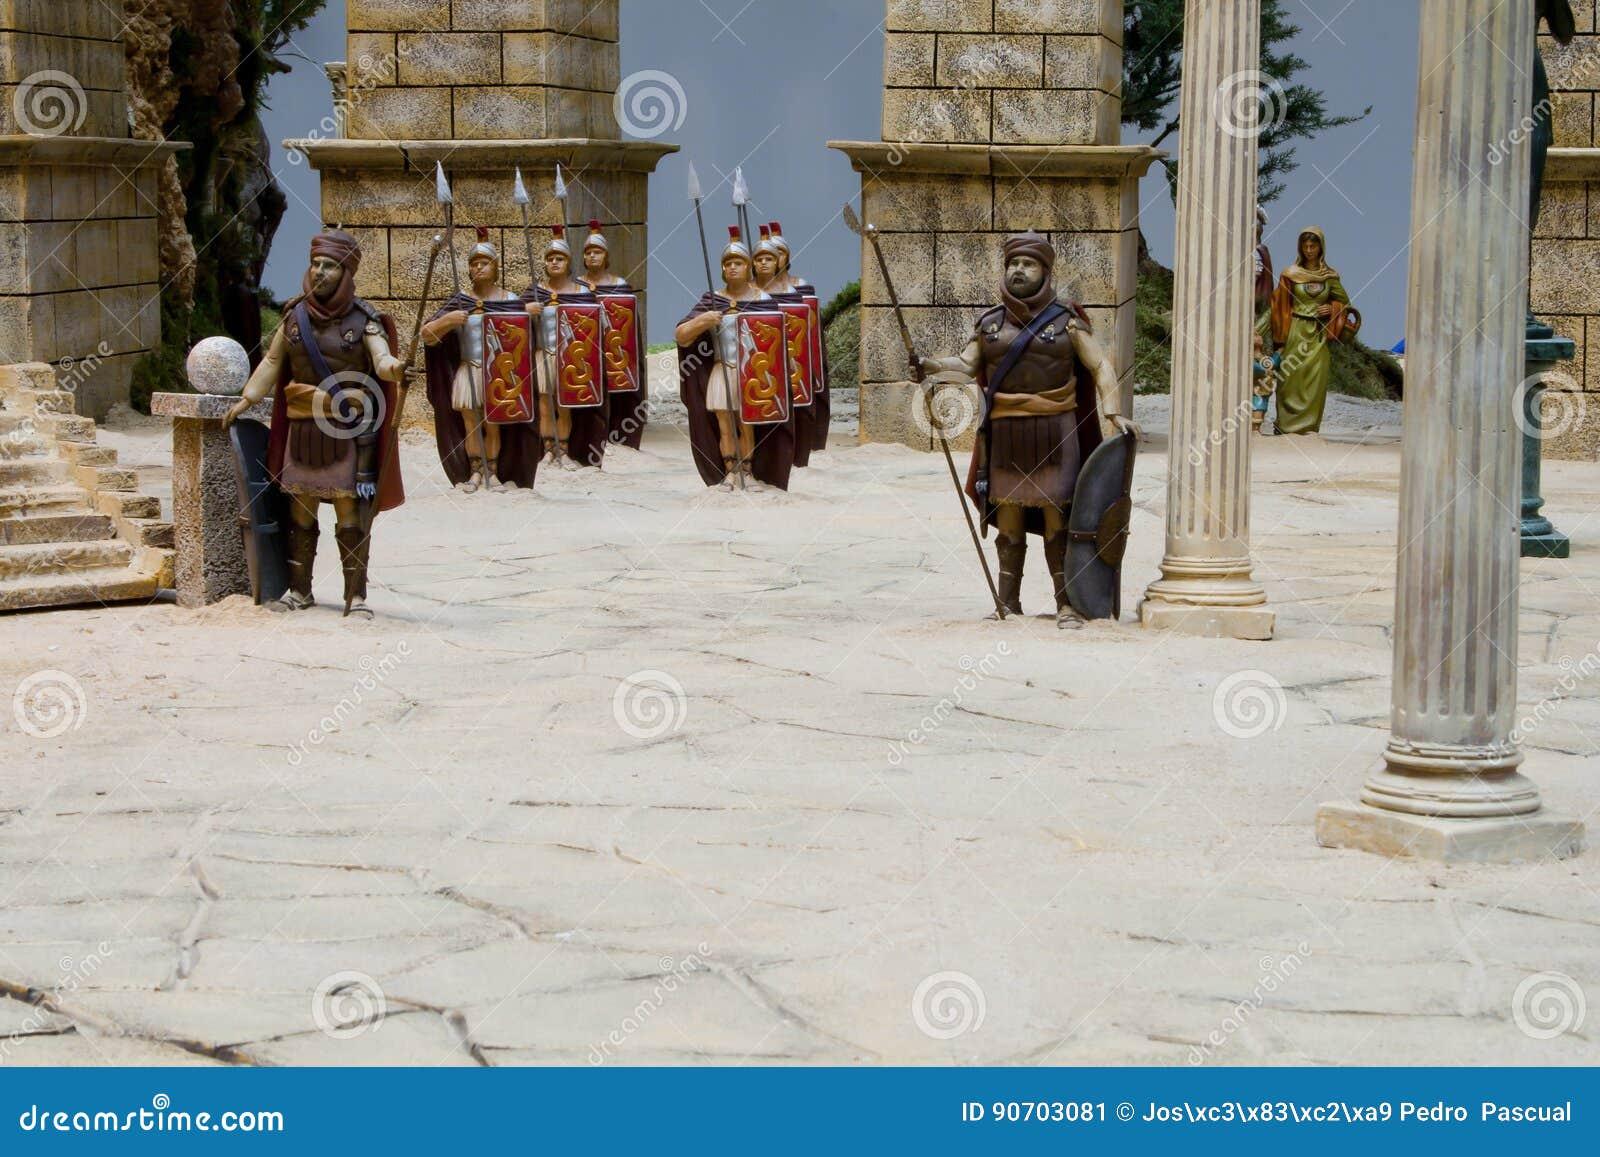 Romersk arméreceration i en julkrubba